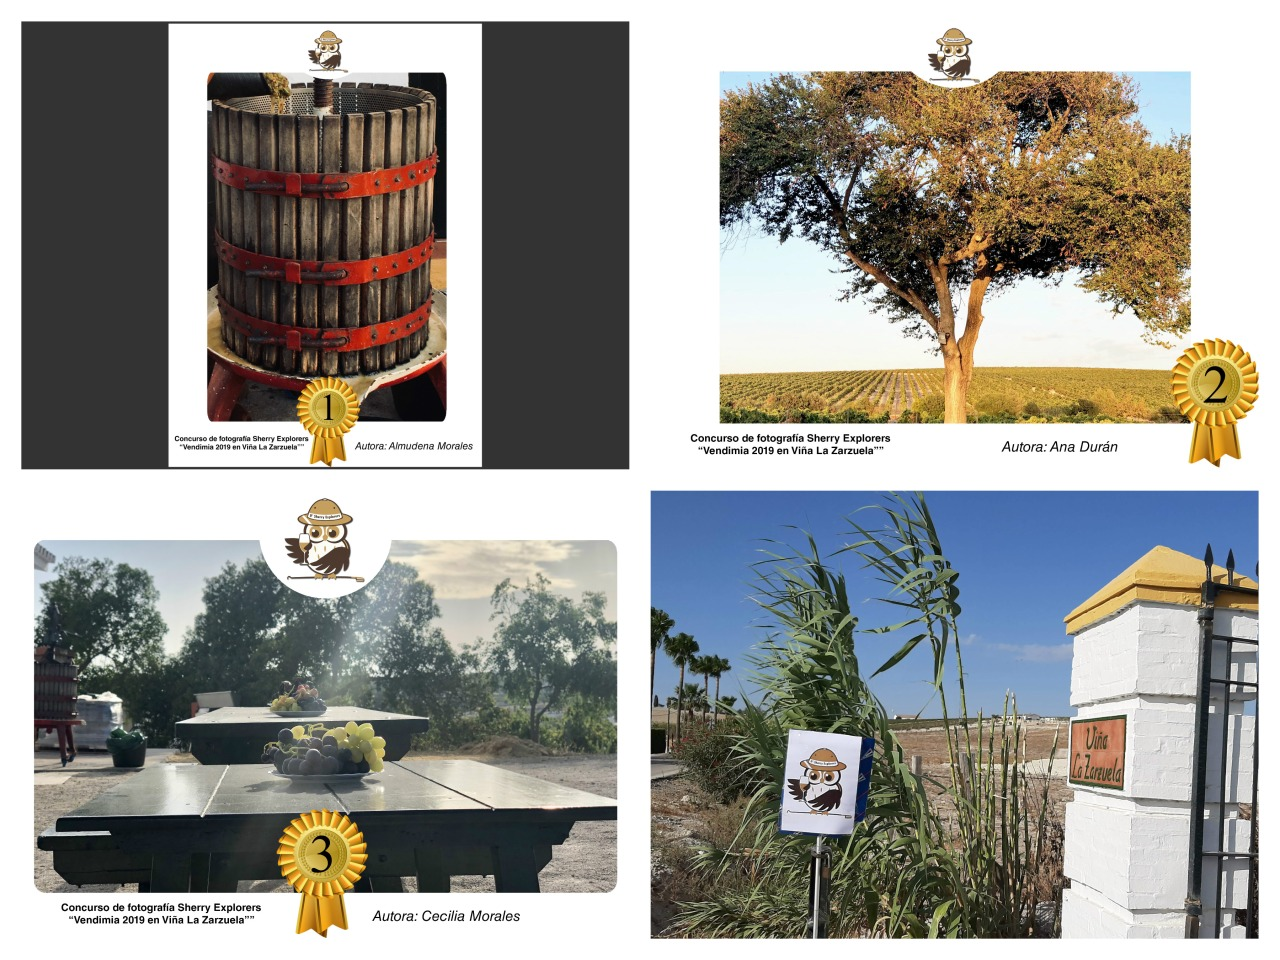 Fotos ganadoras del Concurso de Fotografía de la Vendimia/